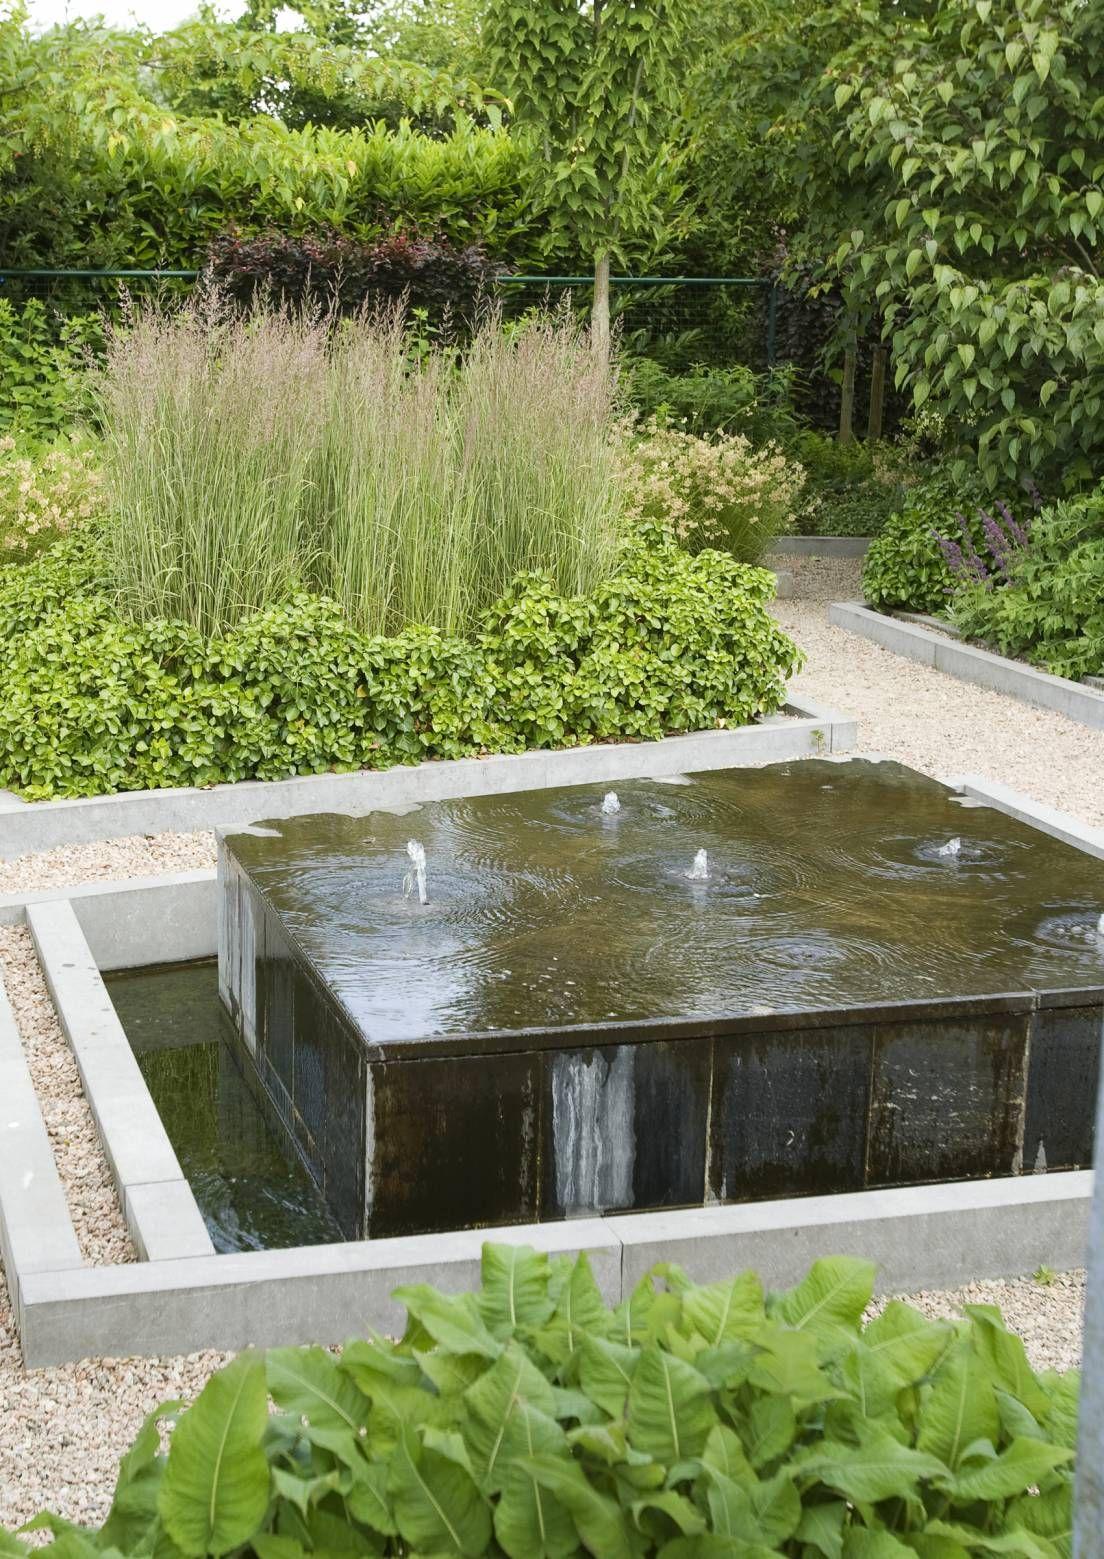 Suihkulähdemalleja on monia erilaisia. Katso Viherpihan inspiroivista kuvista, mikä sopii sinun puutarhaasi.